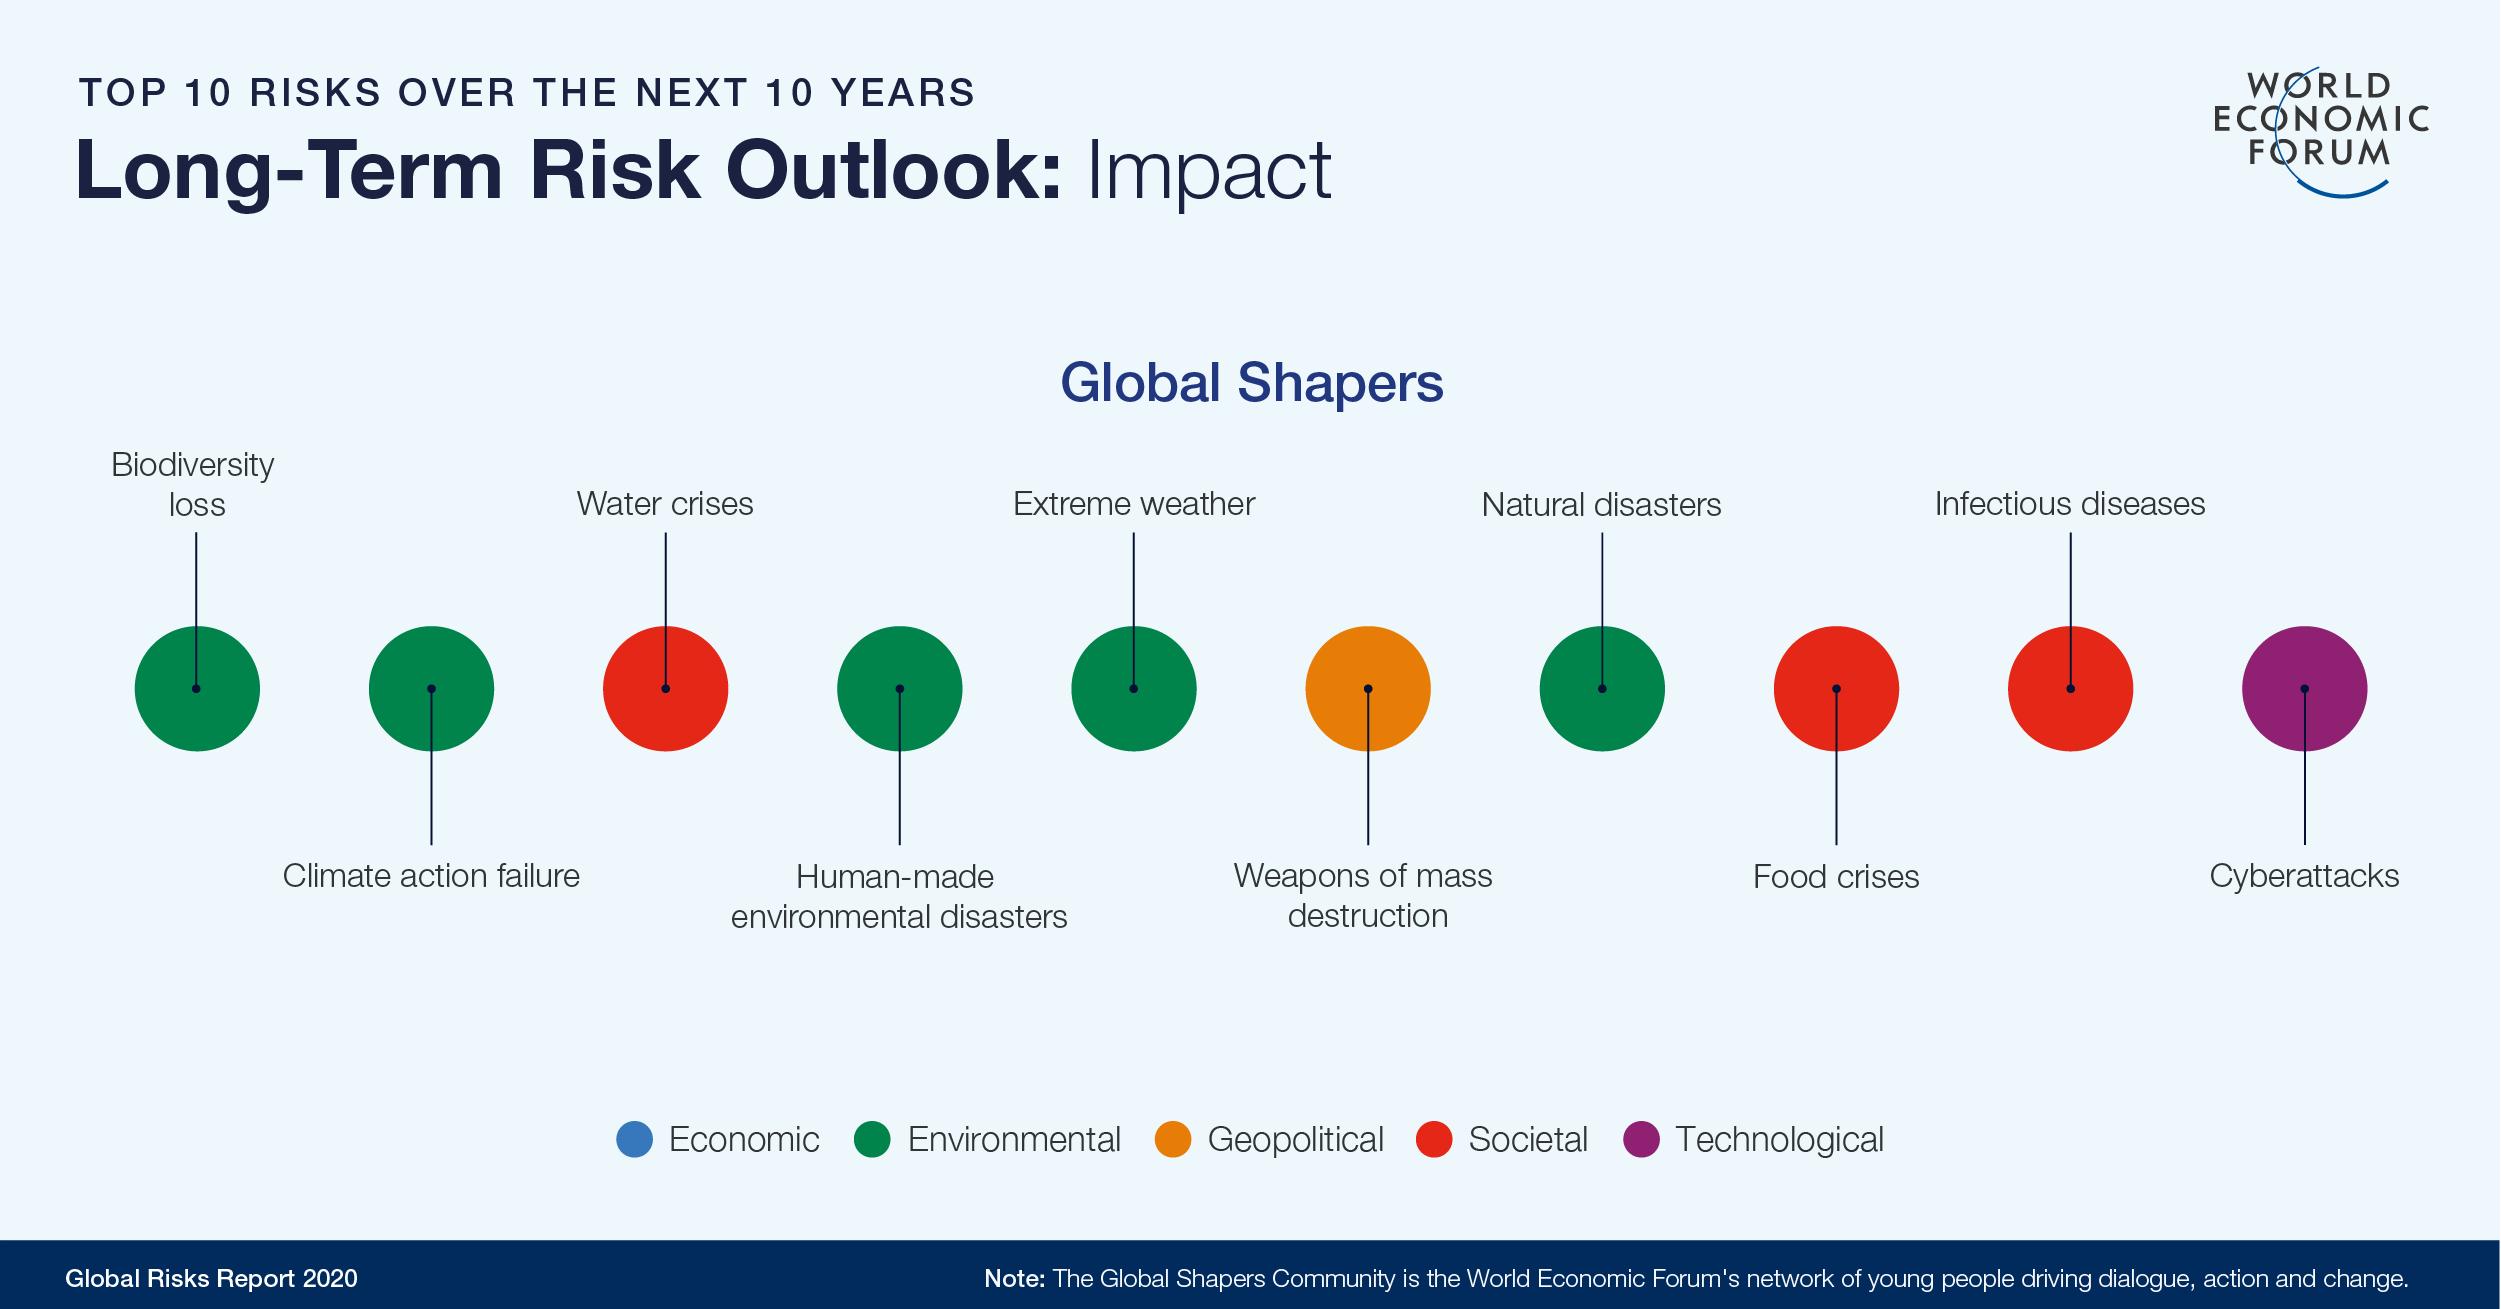 Long-term risk outlook